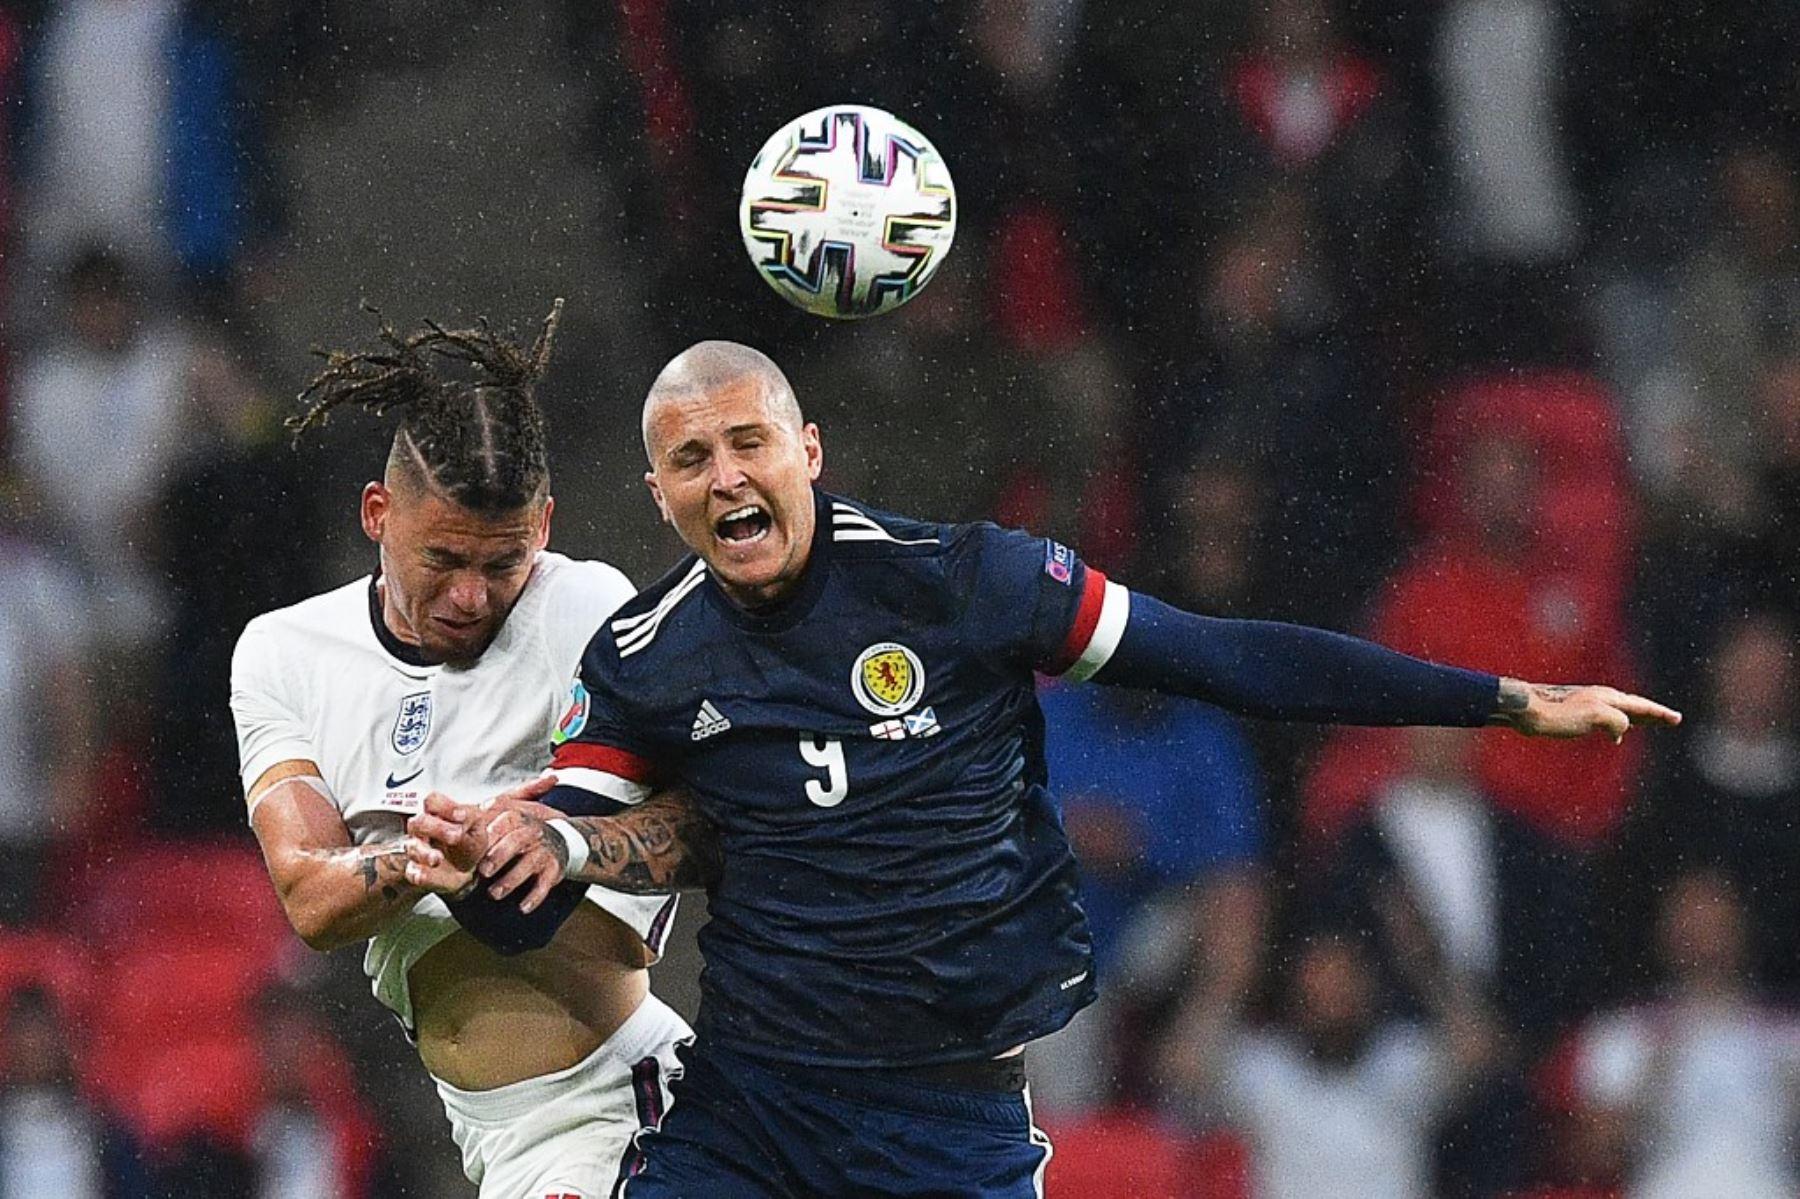 El mediocampista de Inglaterra, Kalvin Phillips, y el delantero de Escocia, Lyndon Dykes, compiten por el balón durante el partido de fútbol del Grupo D de la UEFA EURO 2020 entre Inglaterra y Escocia en el estadio de Wembley en Londres el 18 de junio de 2021. Foto: AFP